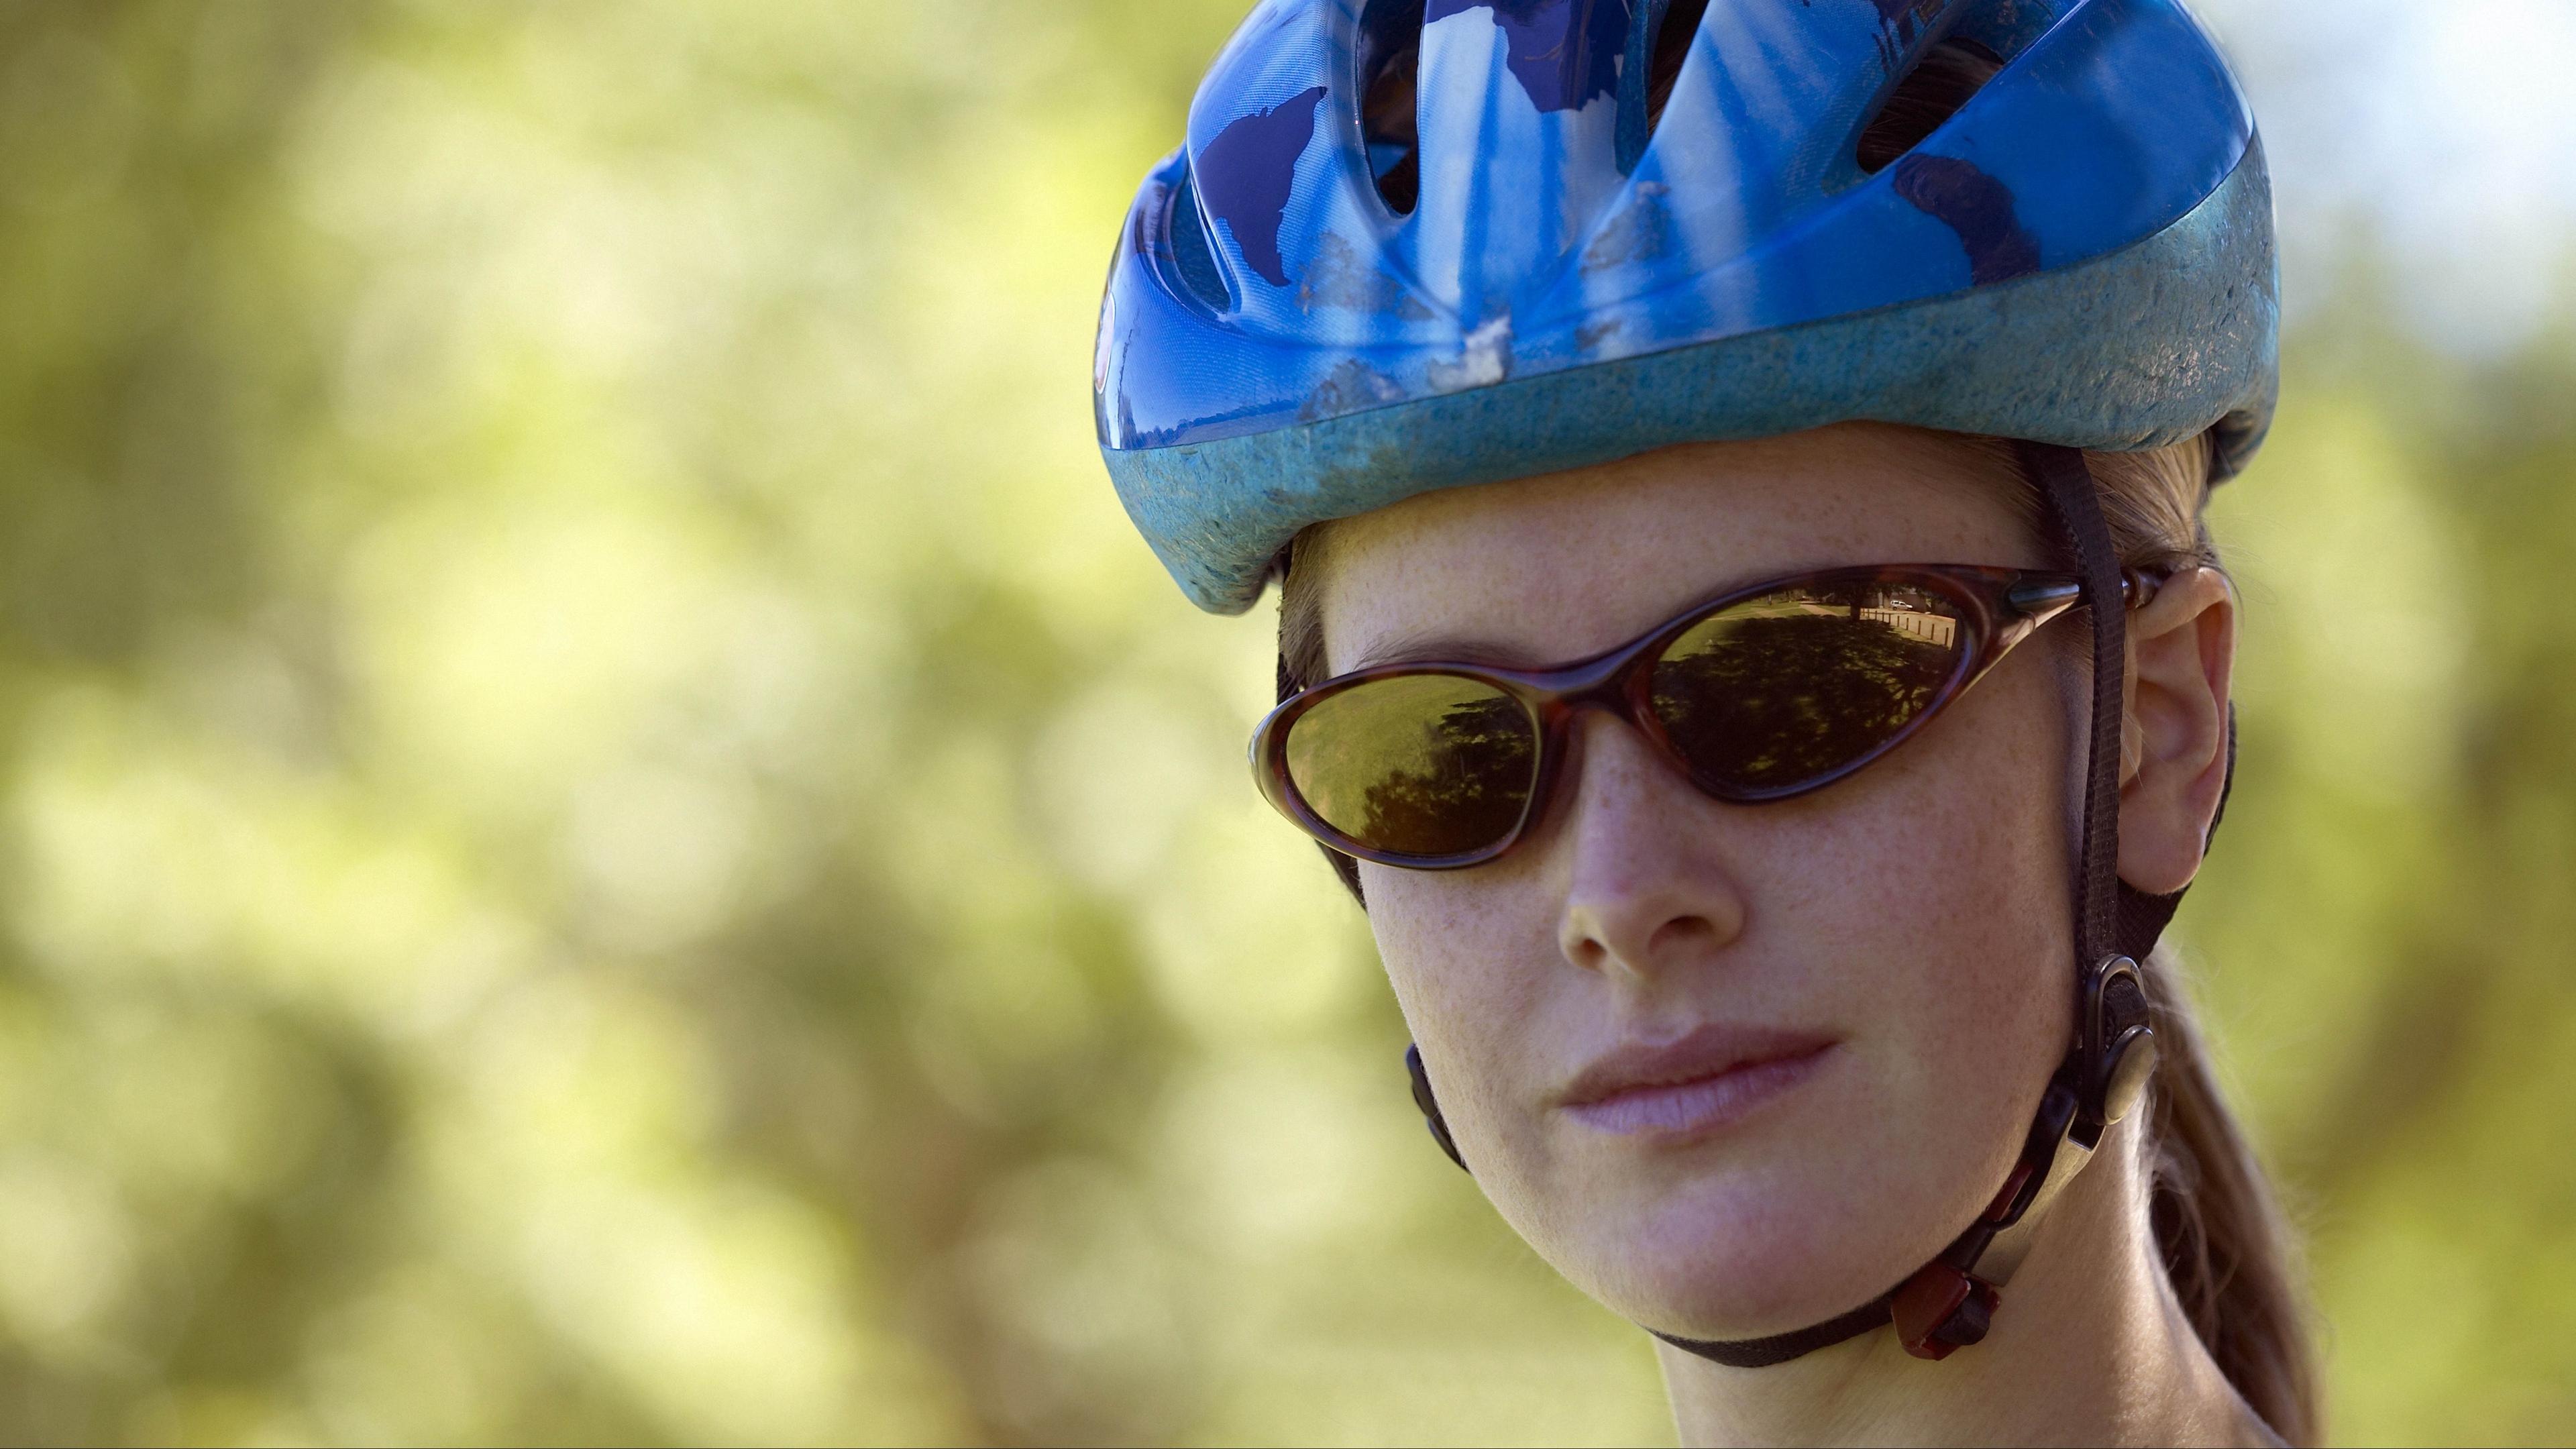 cyclist face helmet goggles 4k 1540060865 - cyclist, face, helmet, goggles 4k - helmet, Face, cyclist